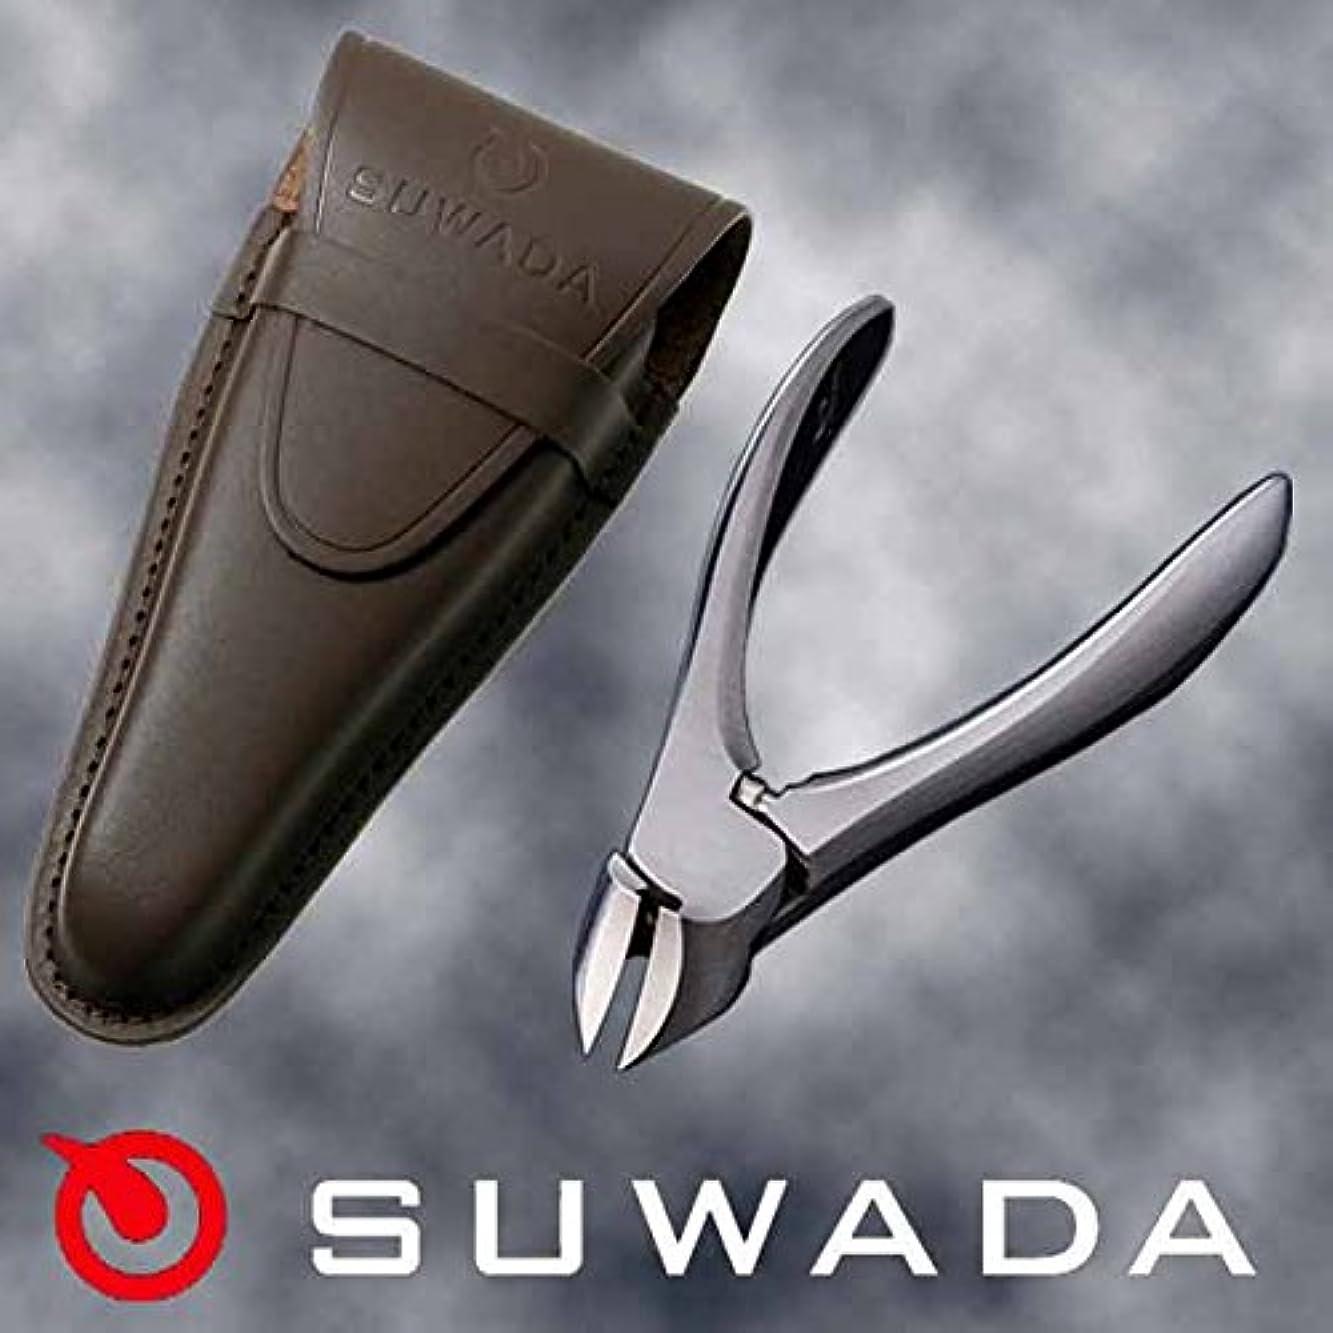 徐々にベスビオ山仮称SUWADA爪切りクラシックL&ブラウン(茶)革ケースセット 特注モデル 諏訪田製作所製 スワダの爪切り